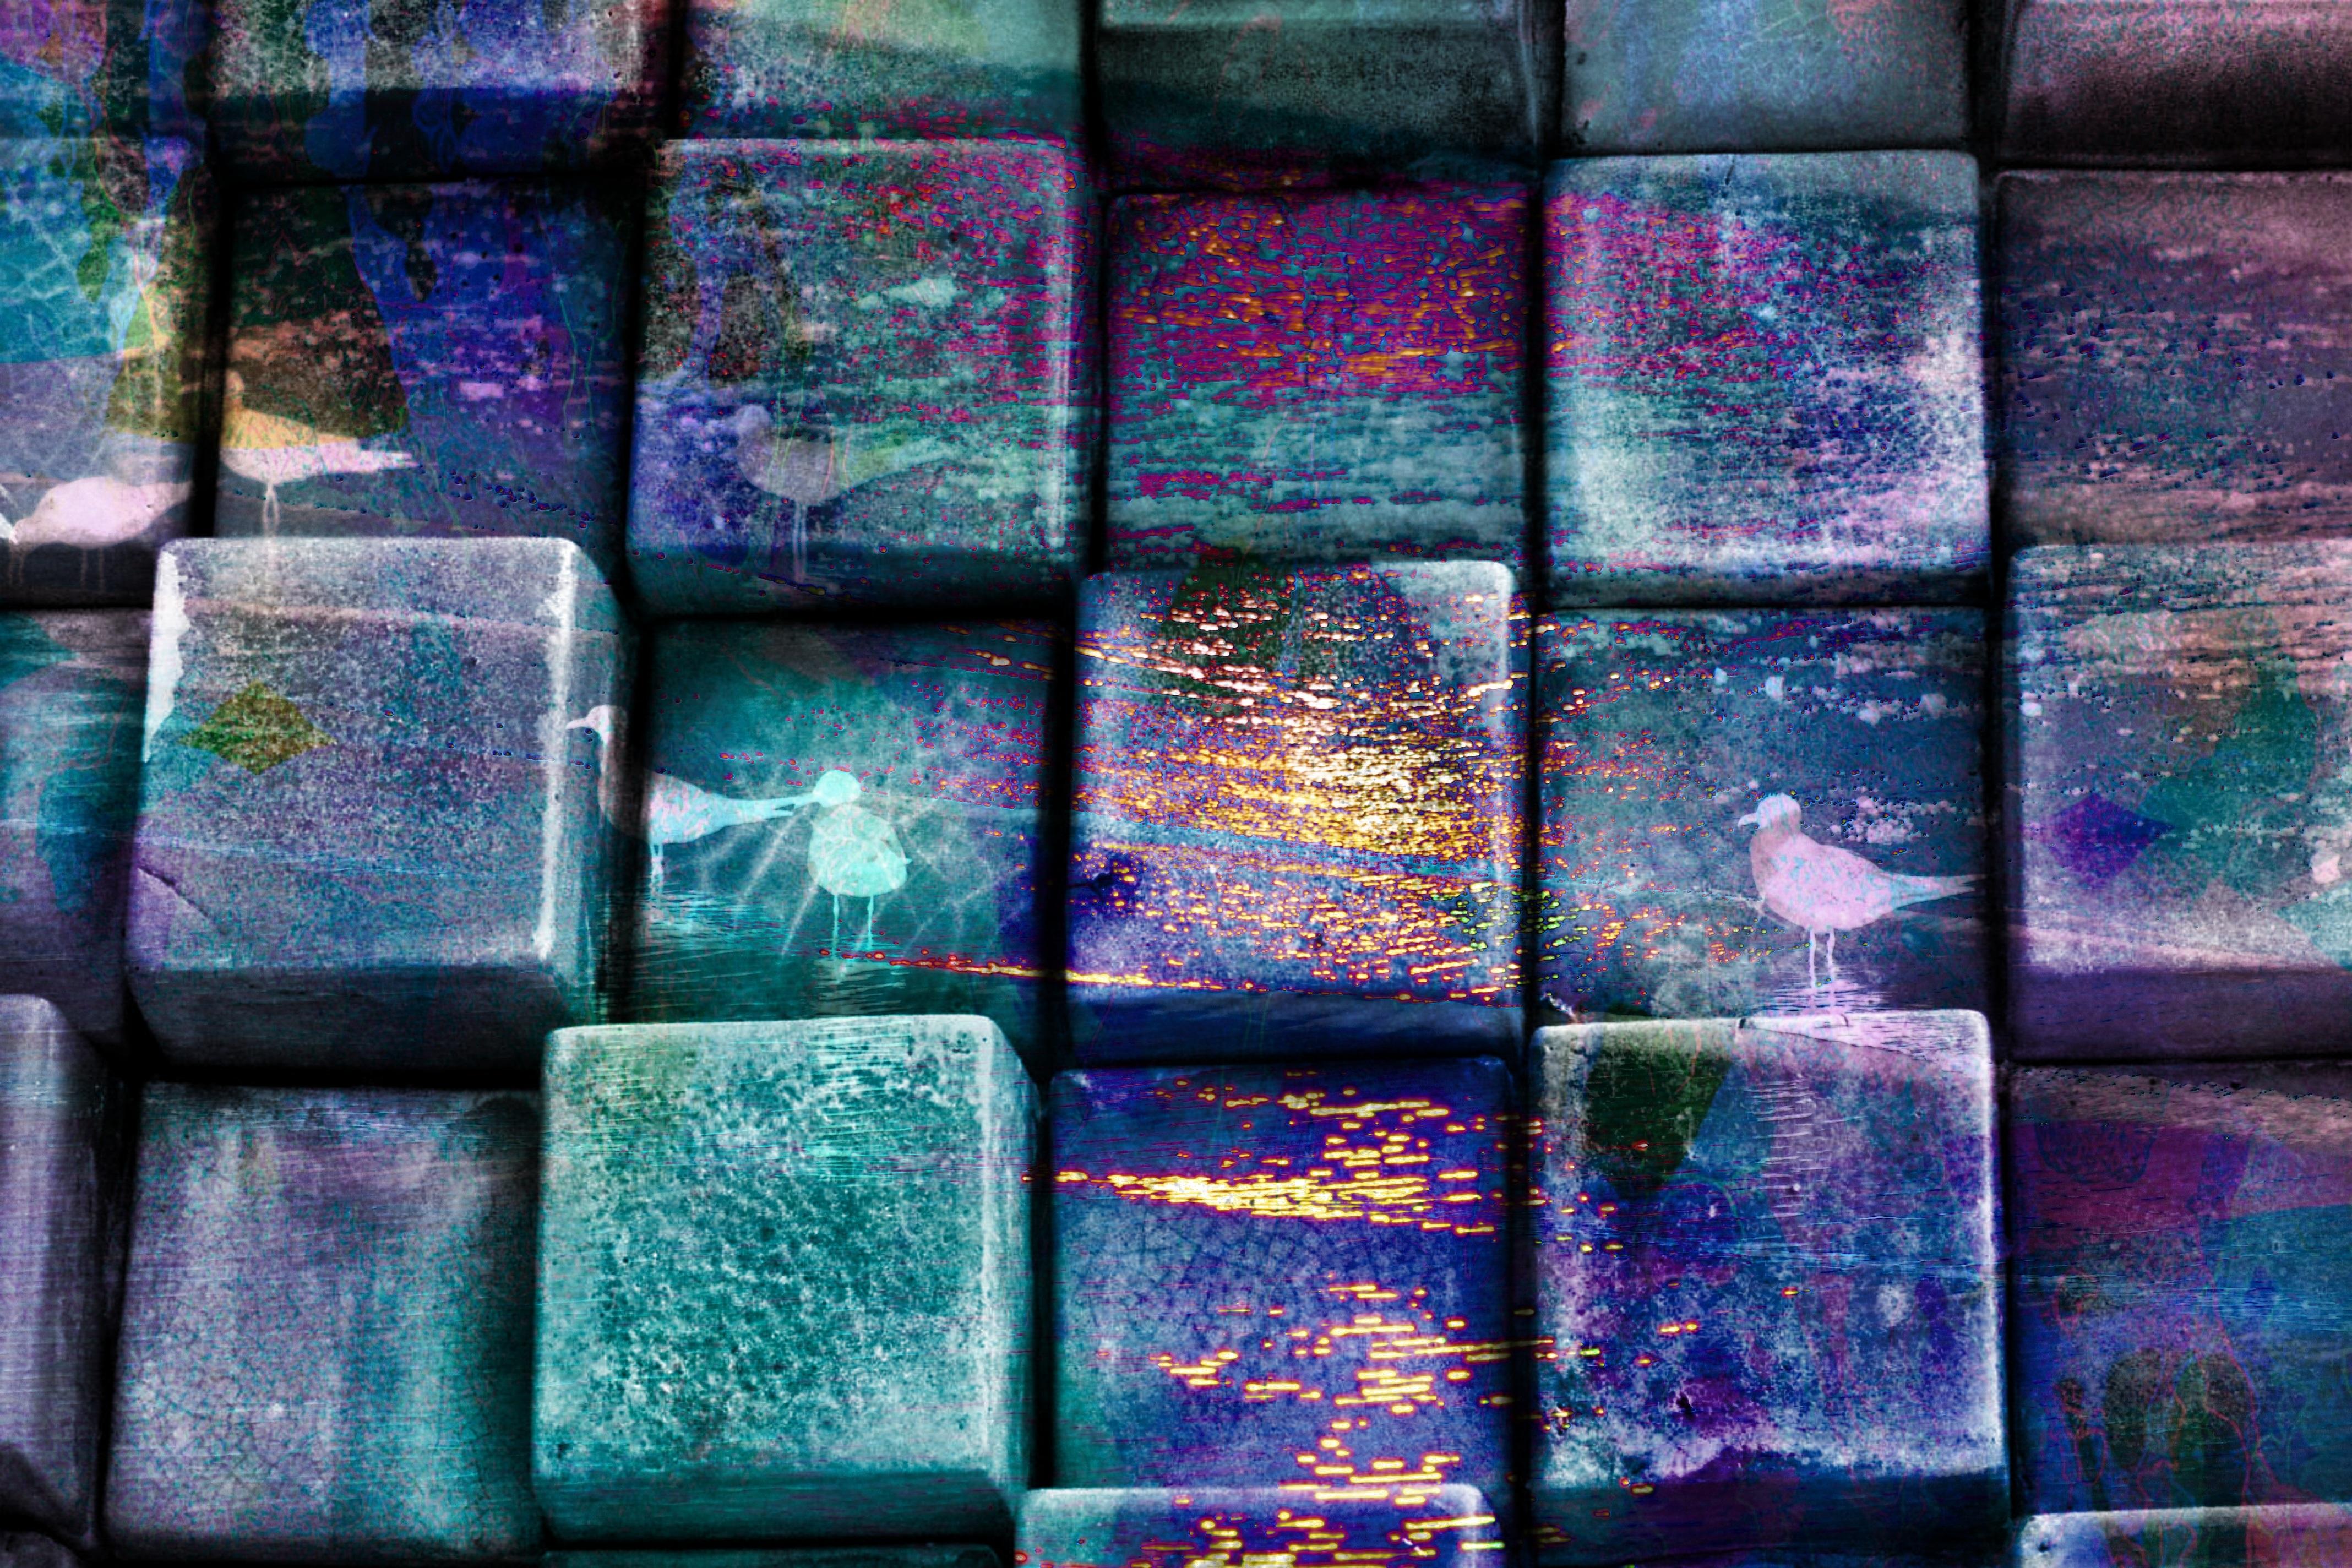 Kostenlose Foto : Kreativ, Abstrakt, Textur, Lila, Glas, Muster, Linie,  Rot, Farbe, Platz, Blau, Bunt, Modern, Kreis, Entwurf, Reihen, Quadrate,  Splatter, ...